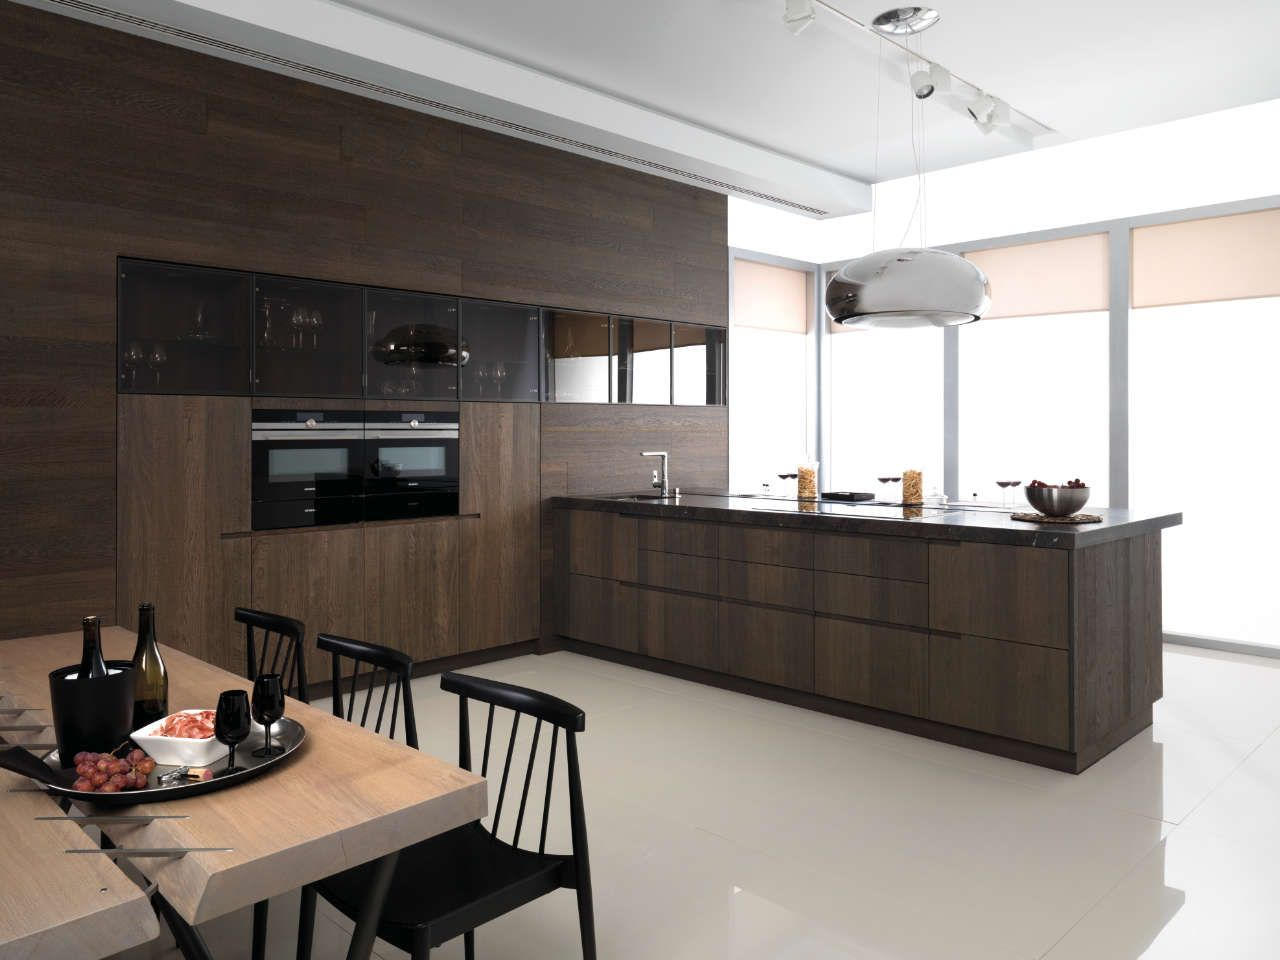 Gamadecor Porcelanosa Mobiliario Cocina 16625 Jpg 1 280 960 Pixels Kitchen Cabinets Interior Design Kitchen Luxury Kitchen Design